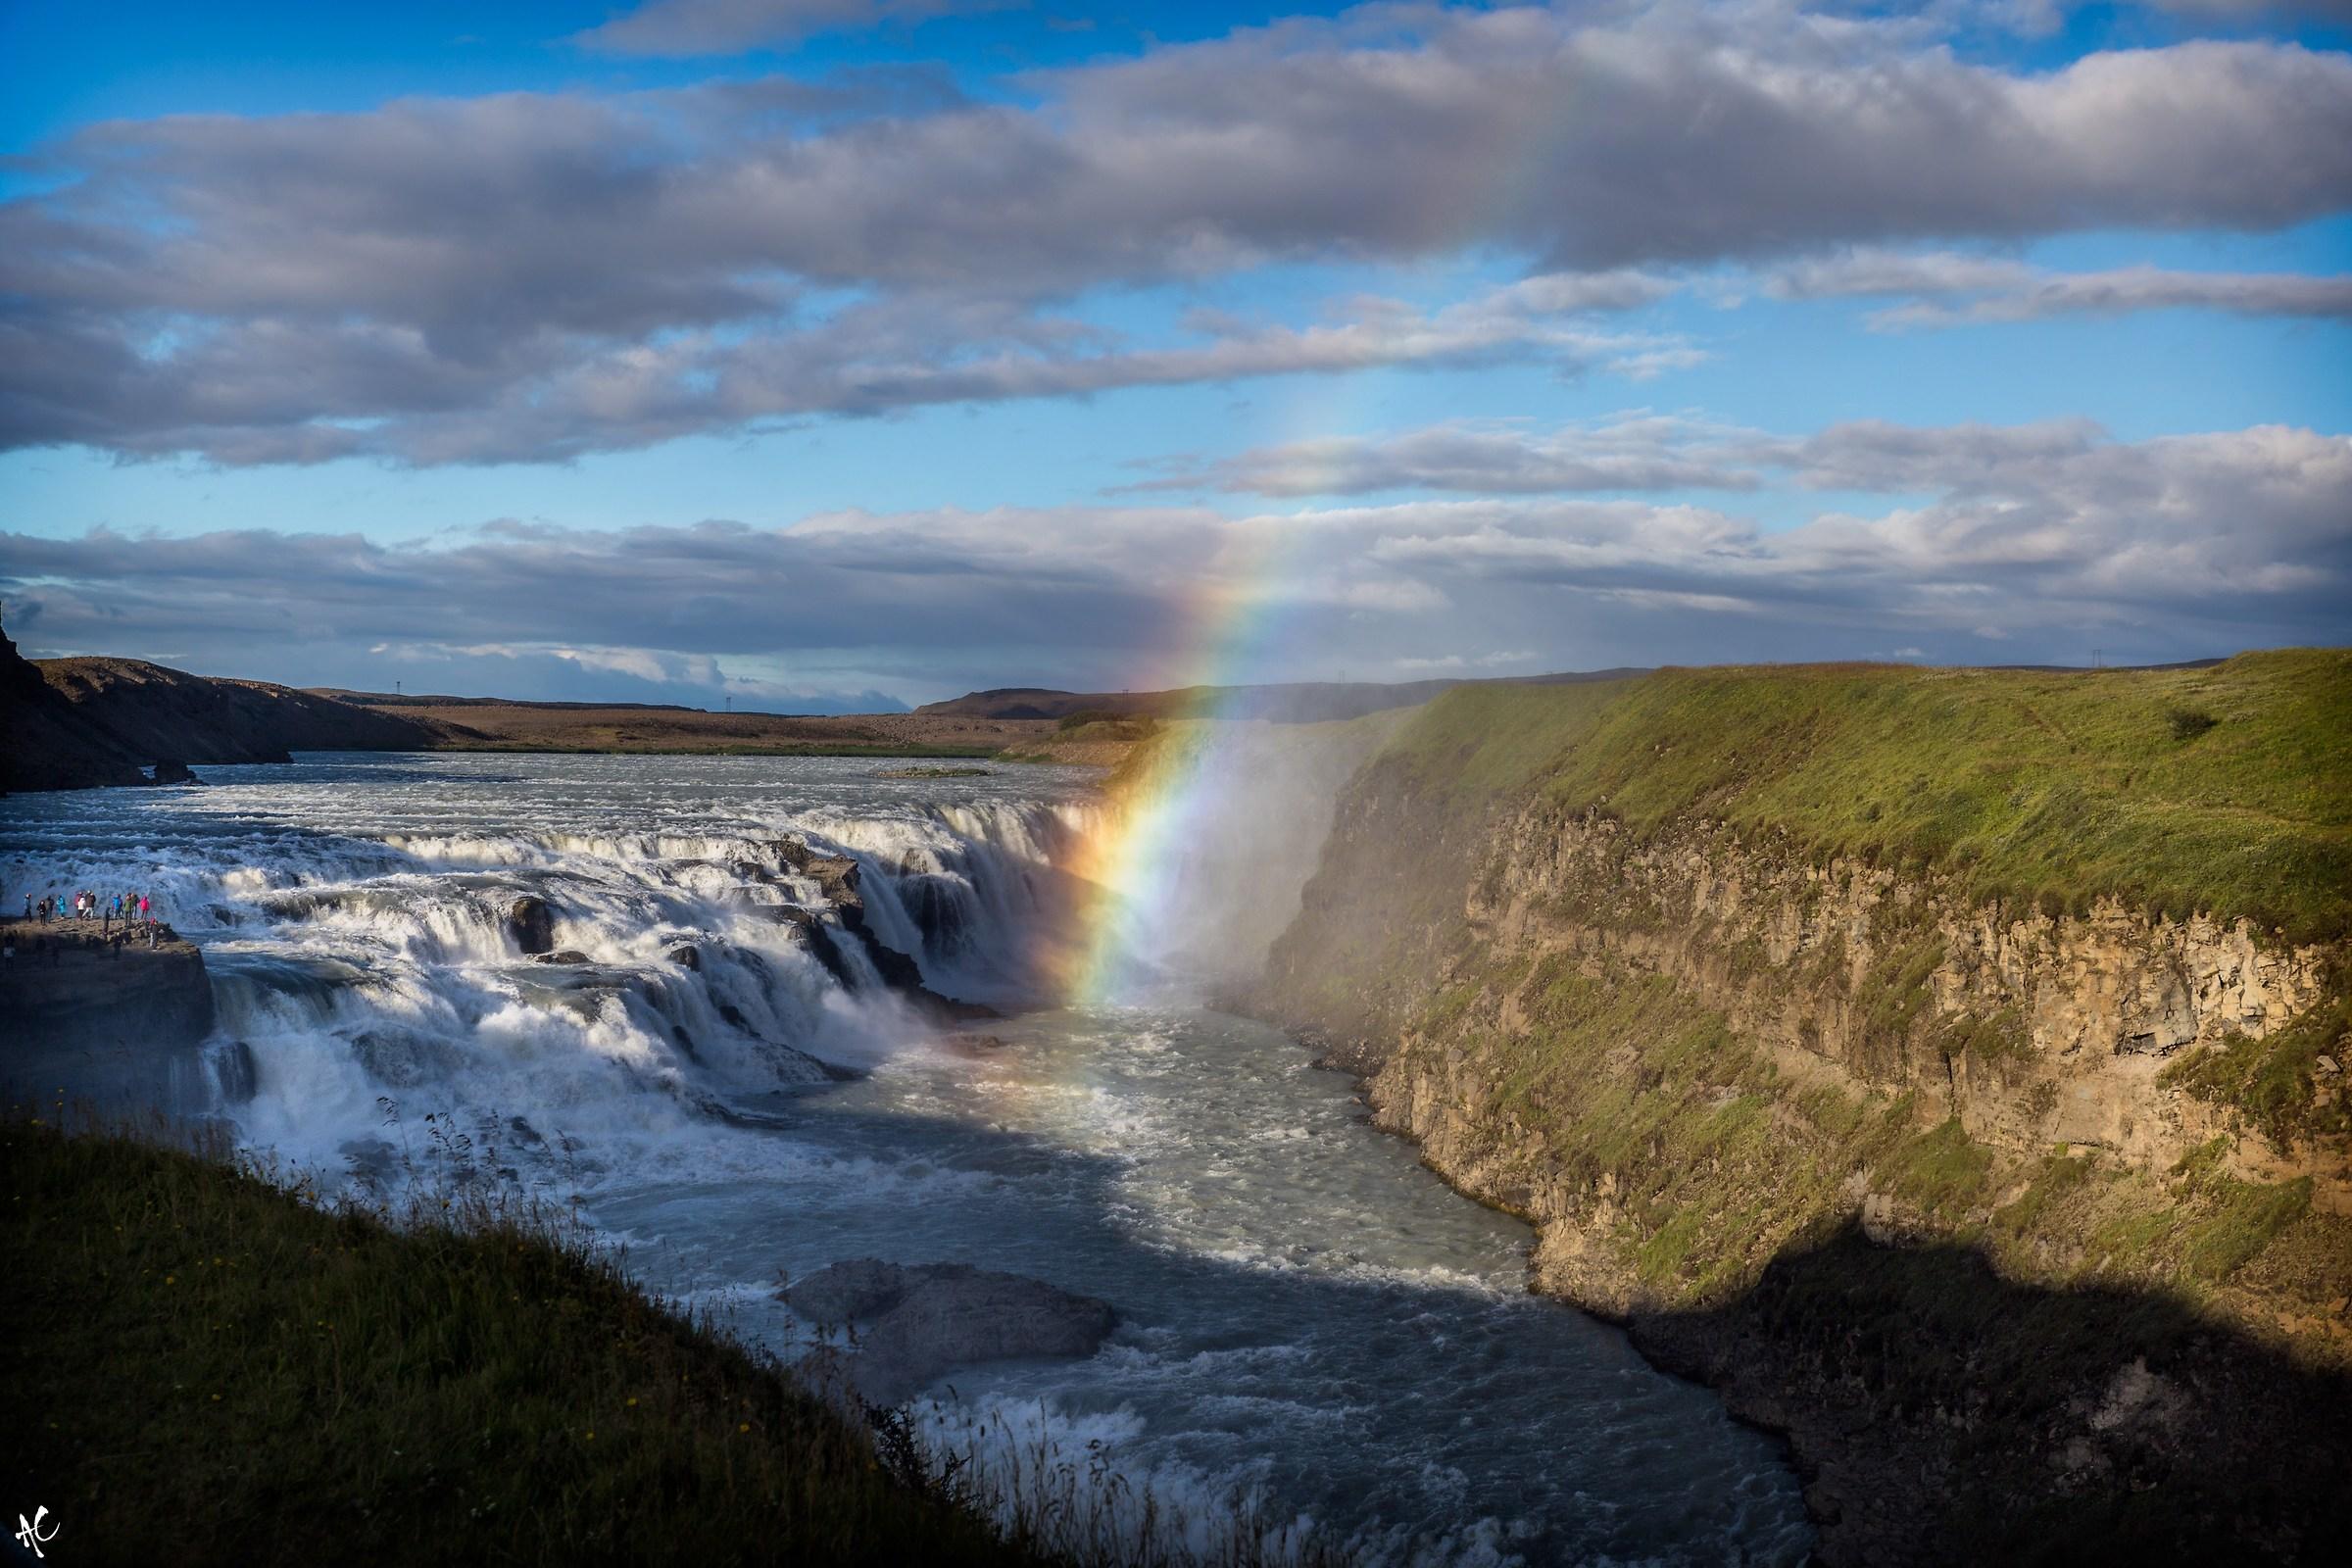 Se guardi in basso non troverai mai arcobaleni...